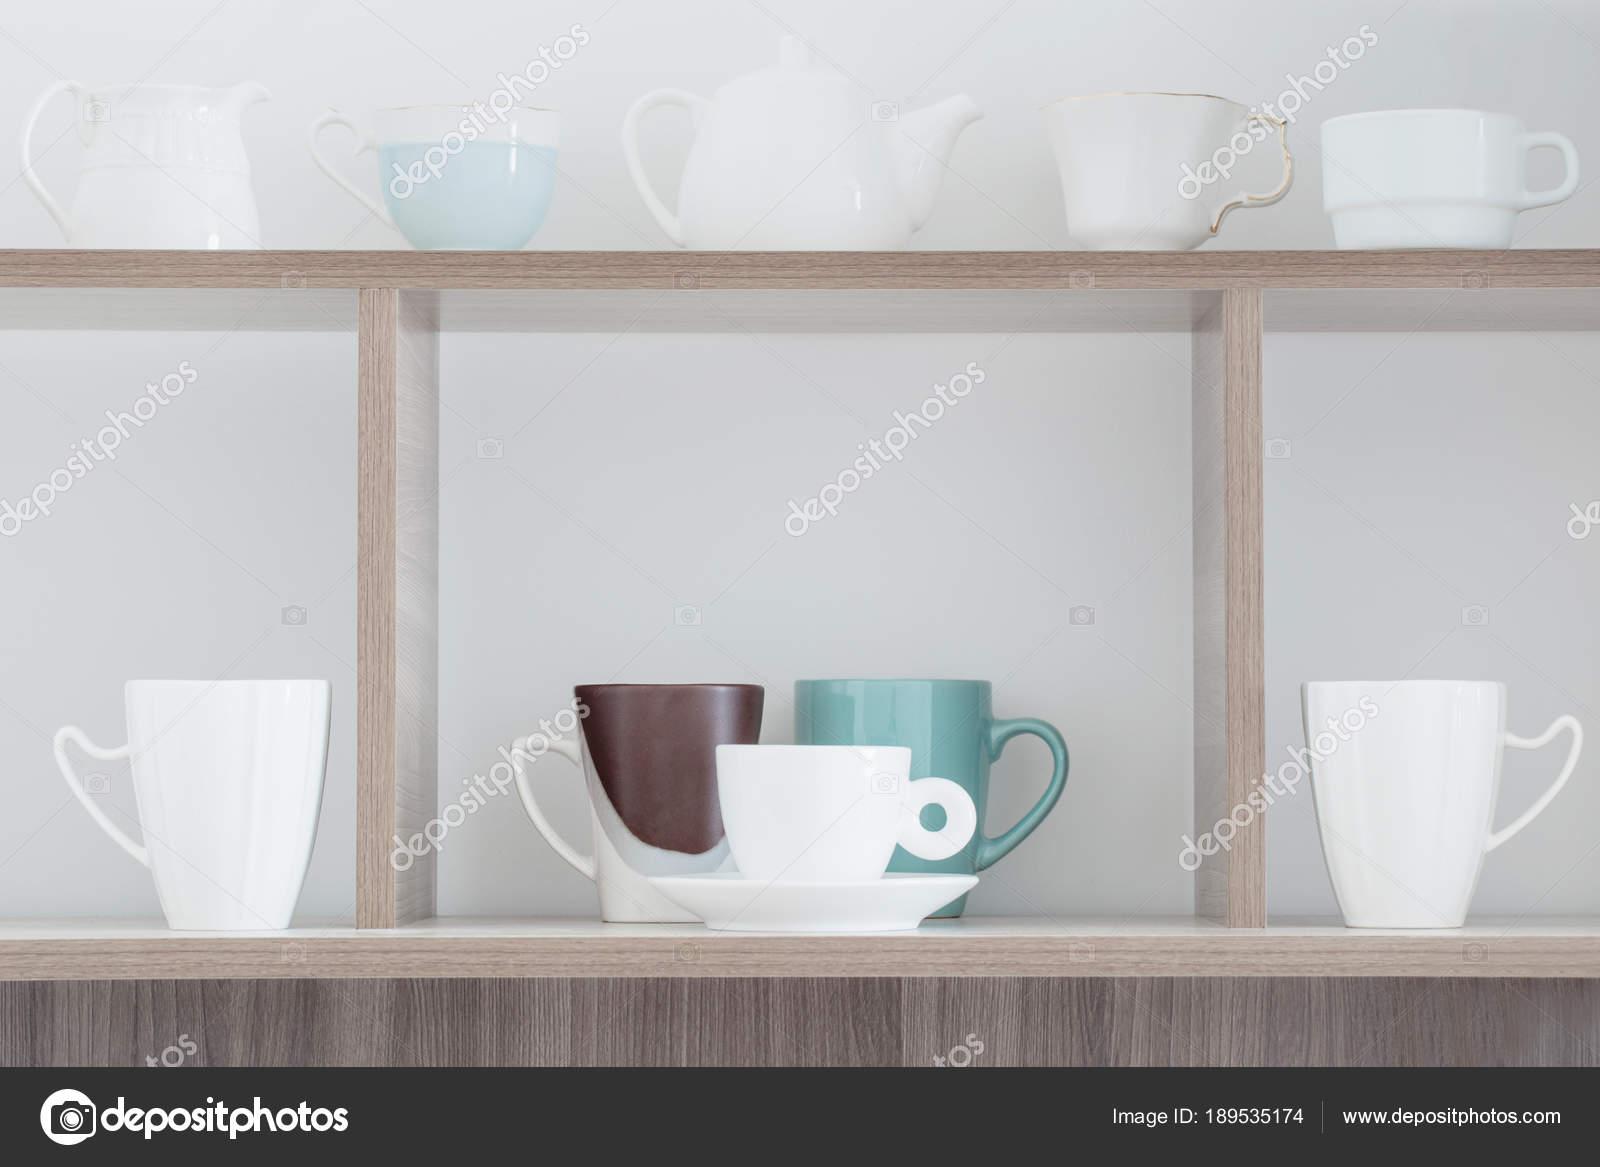 white kitchenware on wooden shelf — Stock Photo © Kruchenkova #189535174